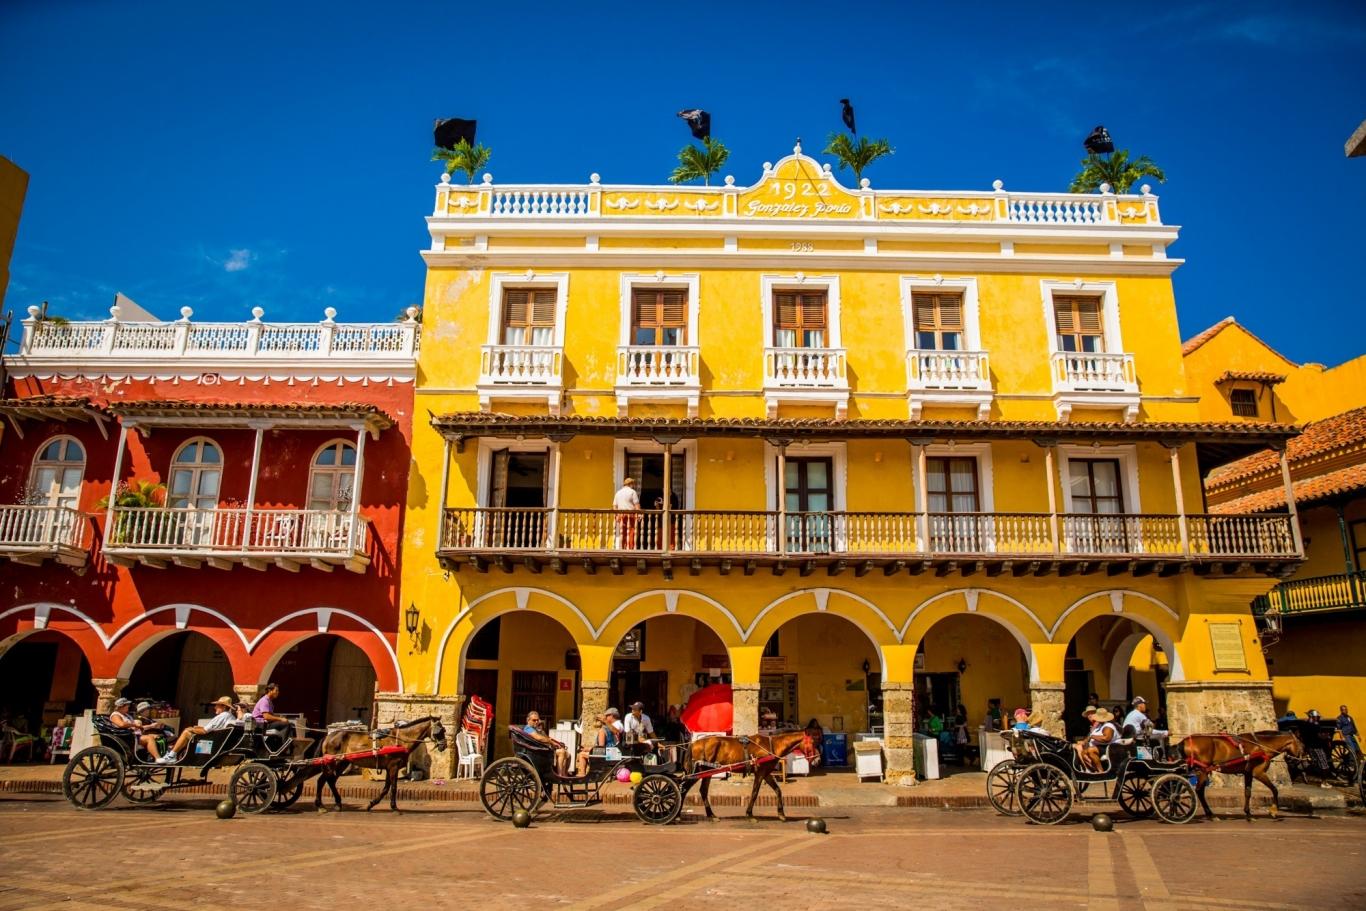 Isla Barú All Inclusive & Cartagena - c/aéreos: Salida 1 de julio - Barú / Cartagena de Indias /  - Smart Travel